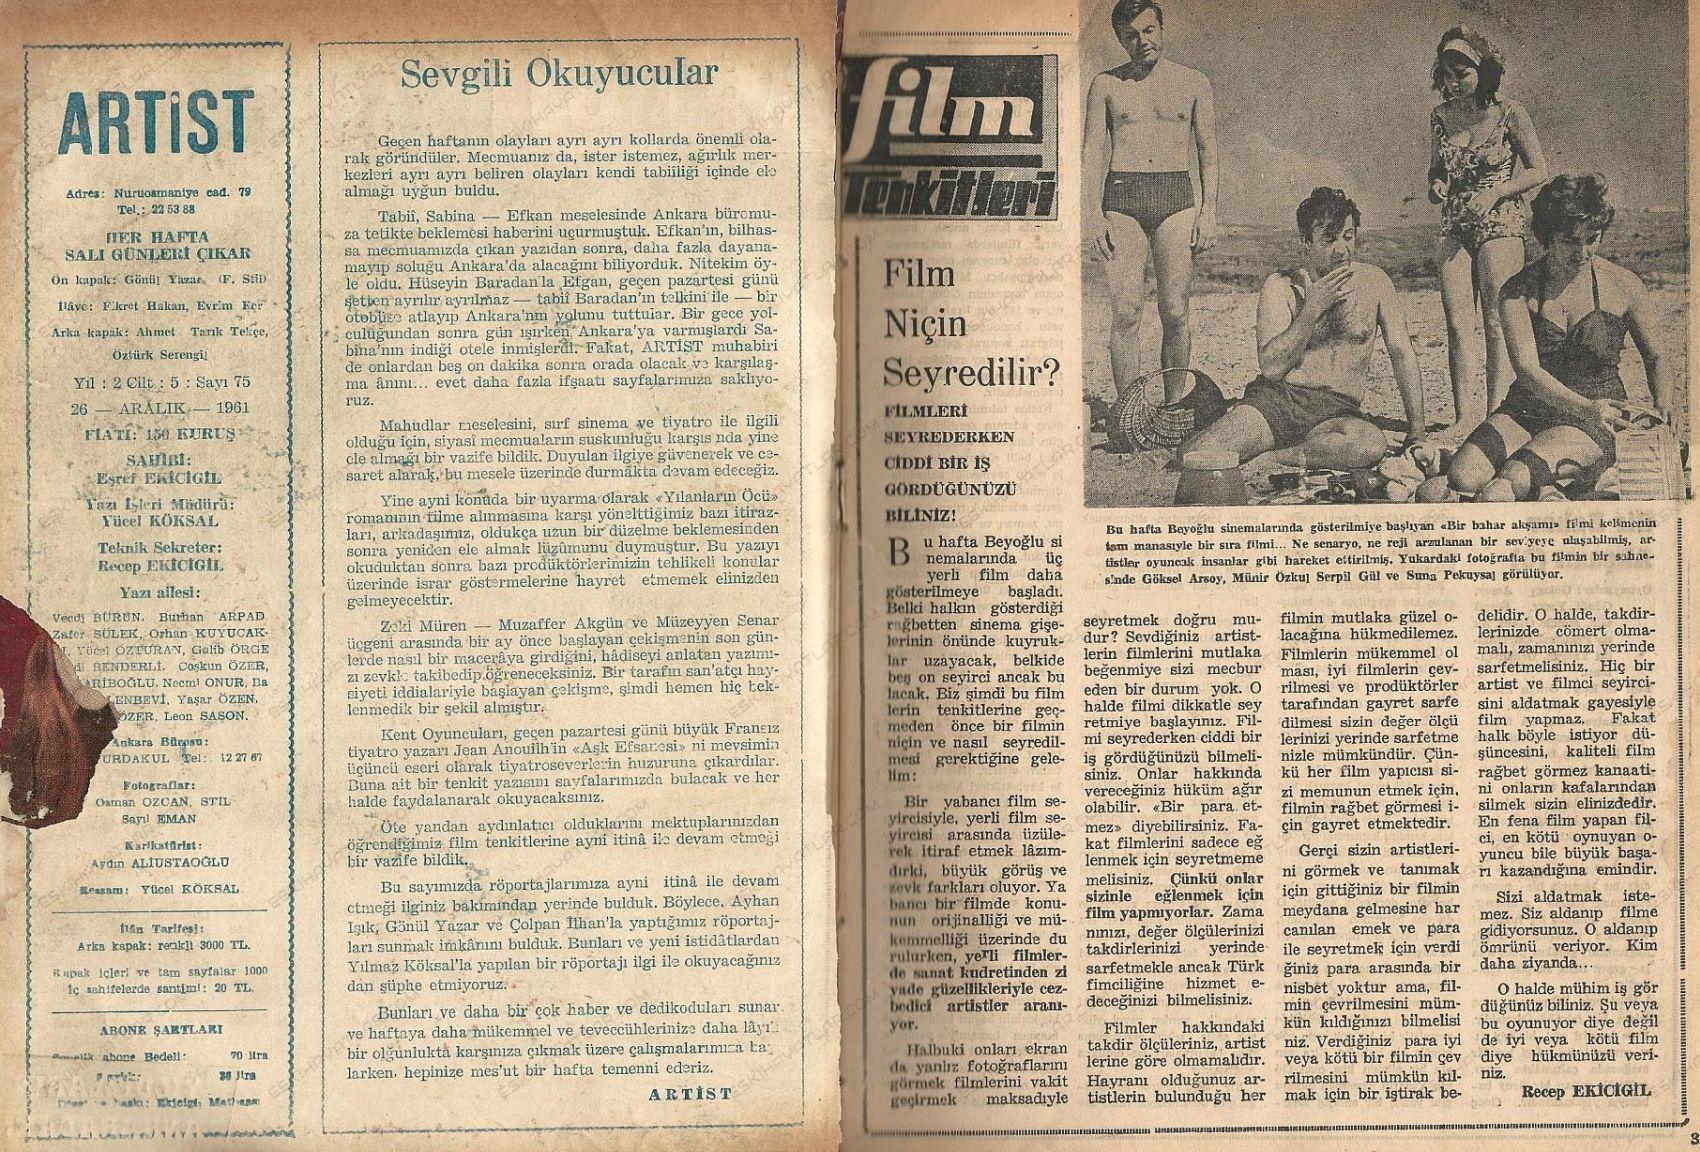 0248-artist-dergisi-arsivleri-1961-yilinda-sinema-dergileri (1)